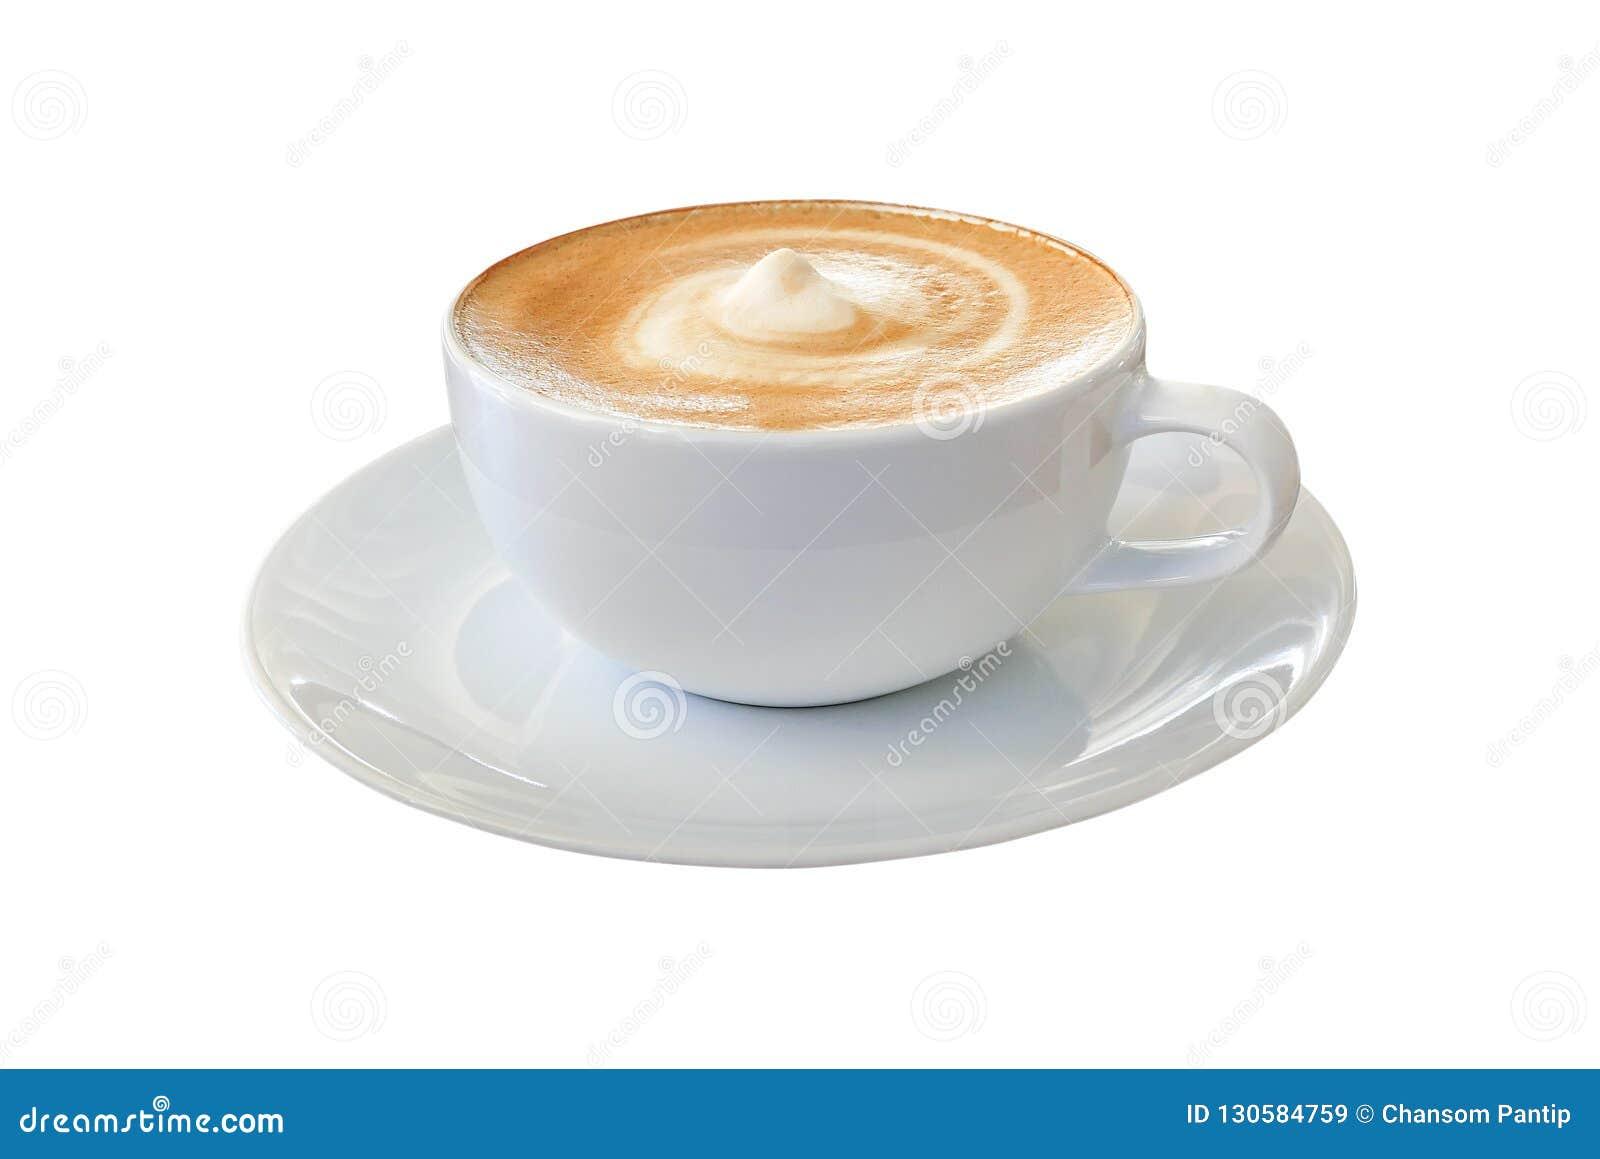 Heißer Kaffeecappuccino Latte in der weißen Schale mit gerührter Spirale Mil